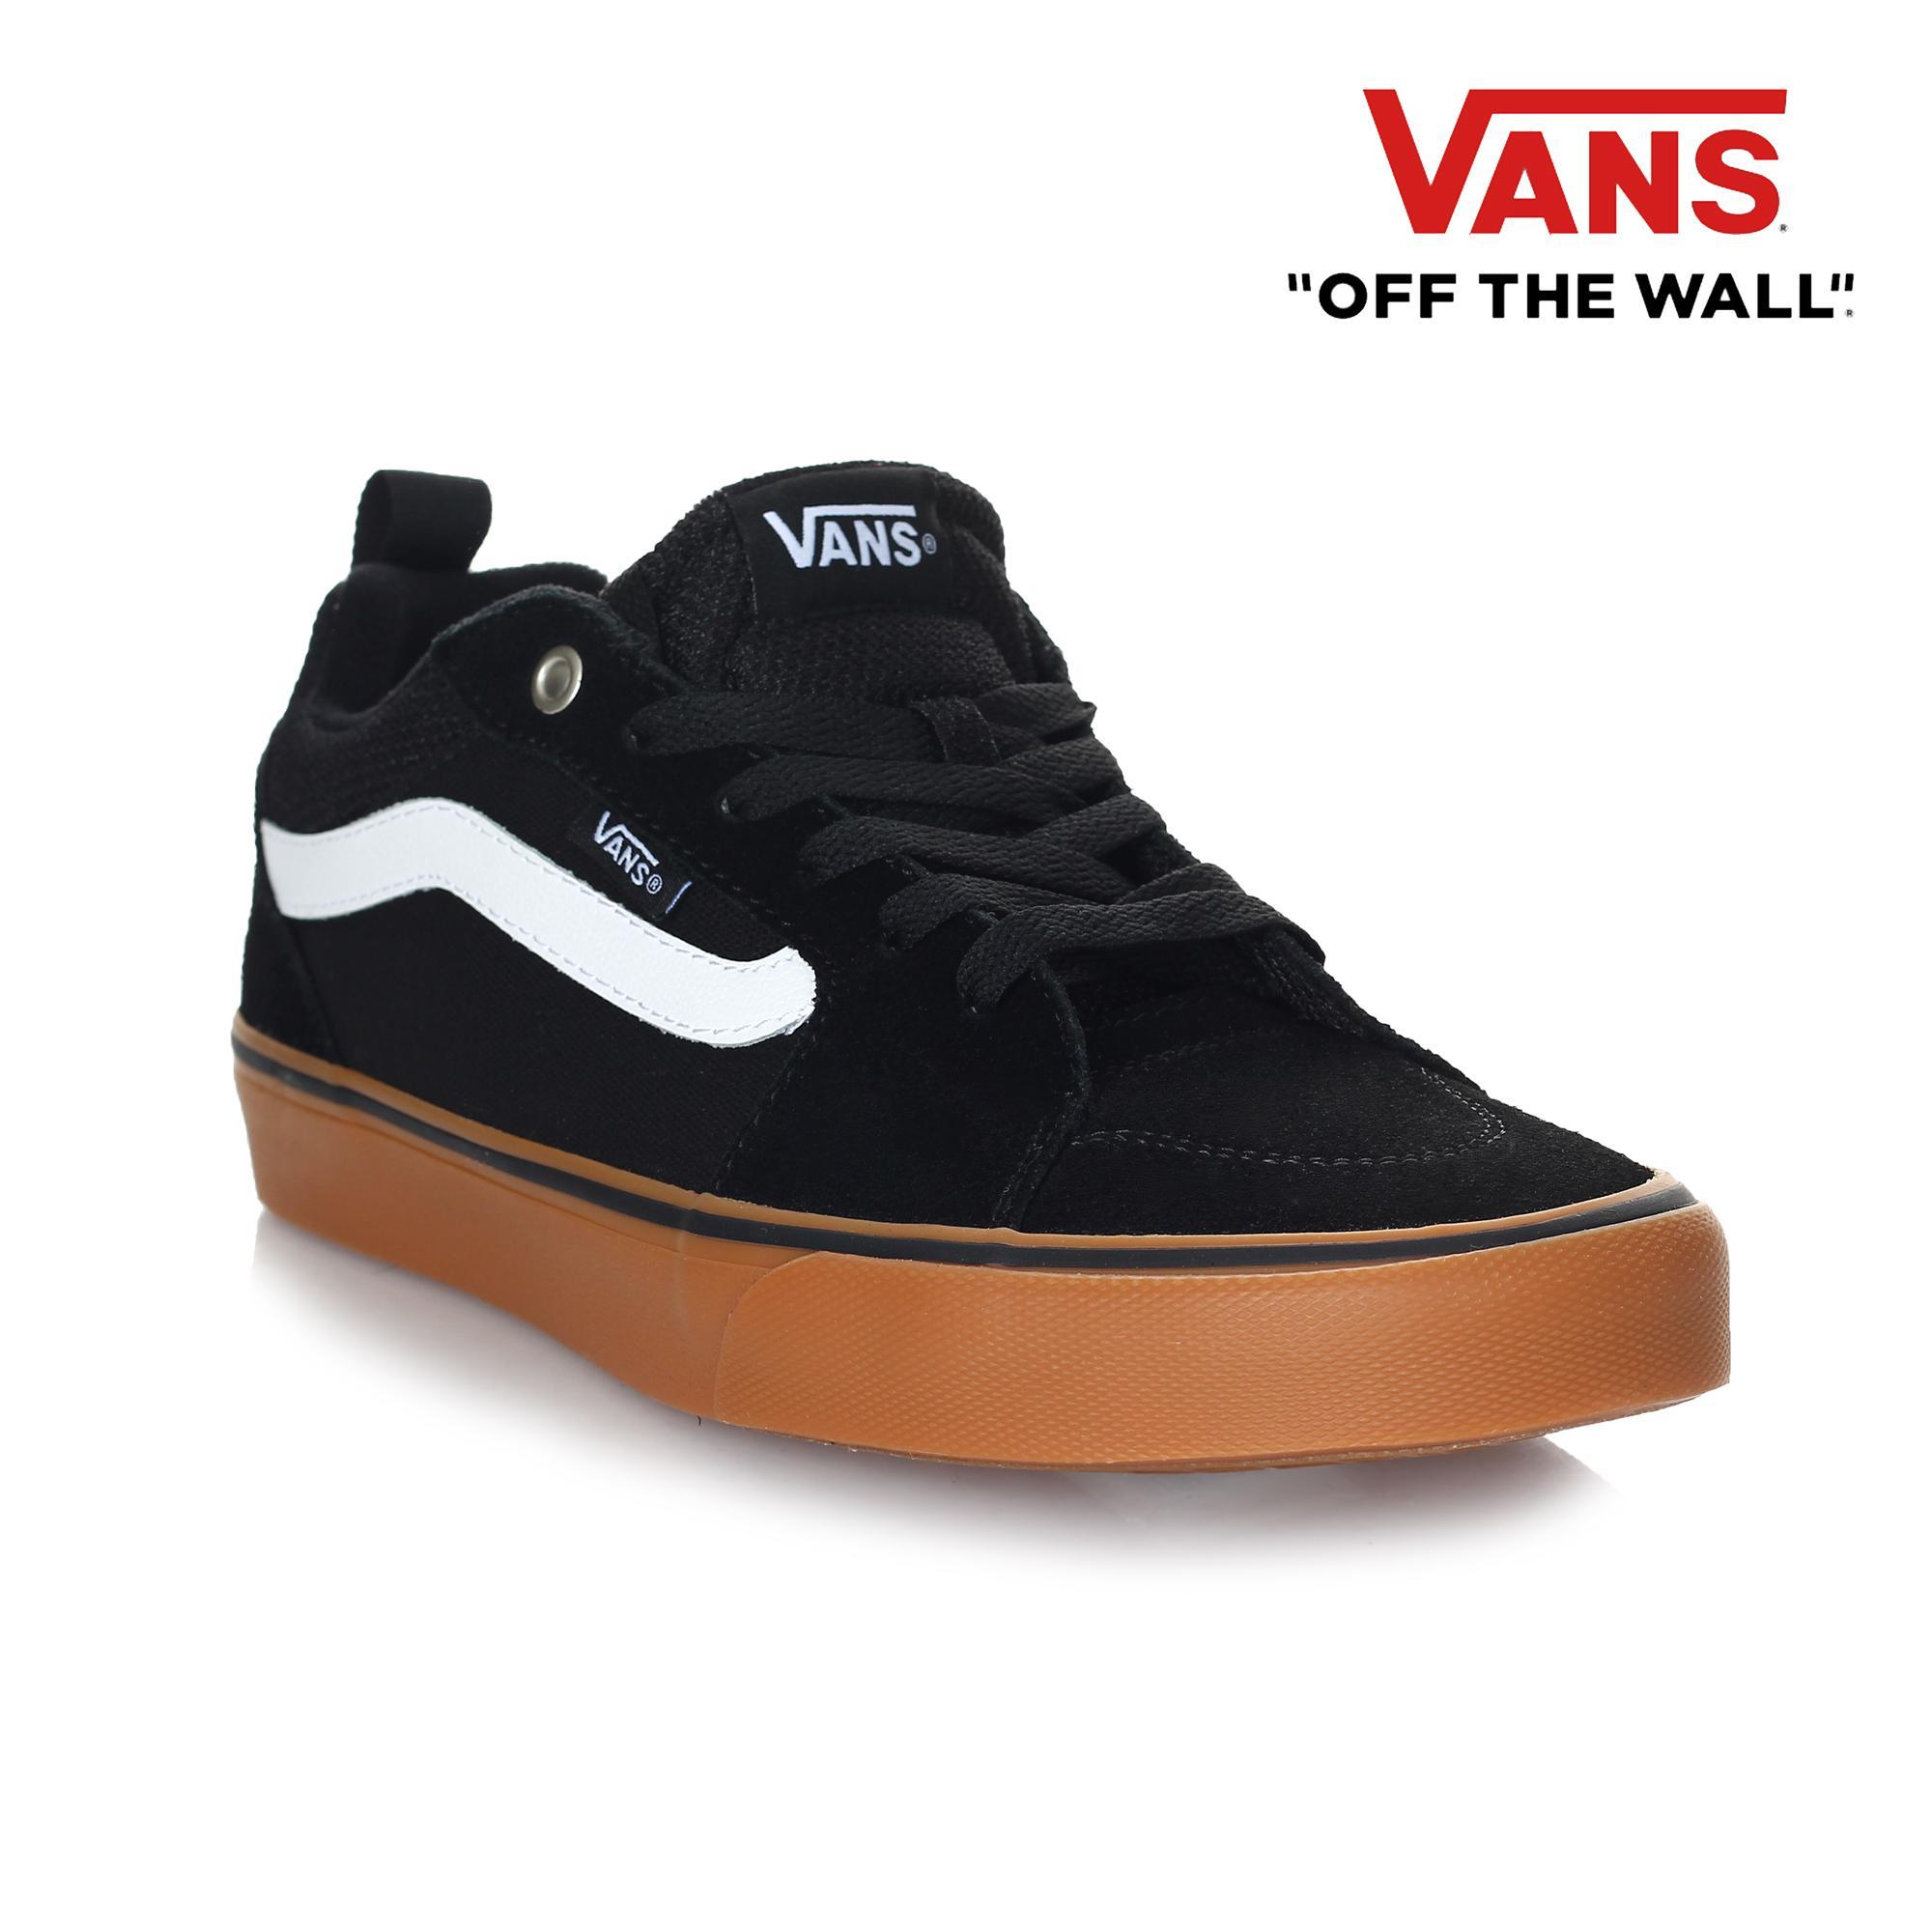 504ca5f7 Vans Men's Filmore Suede Canvas Sneakers